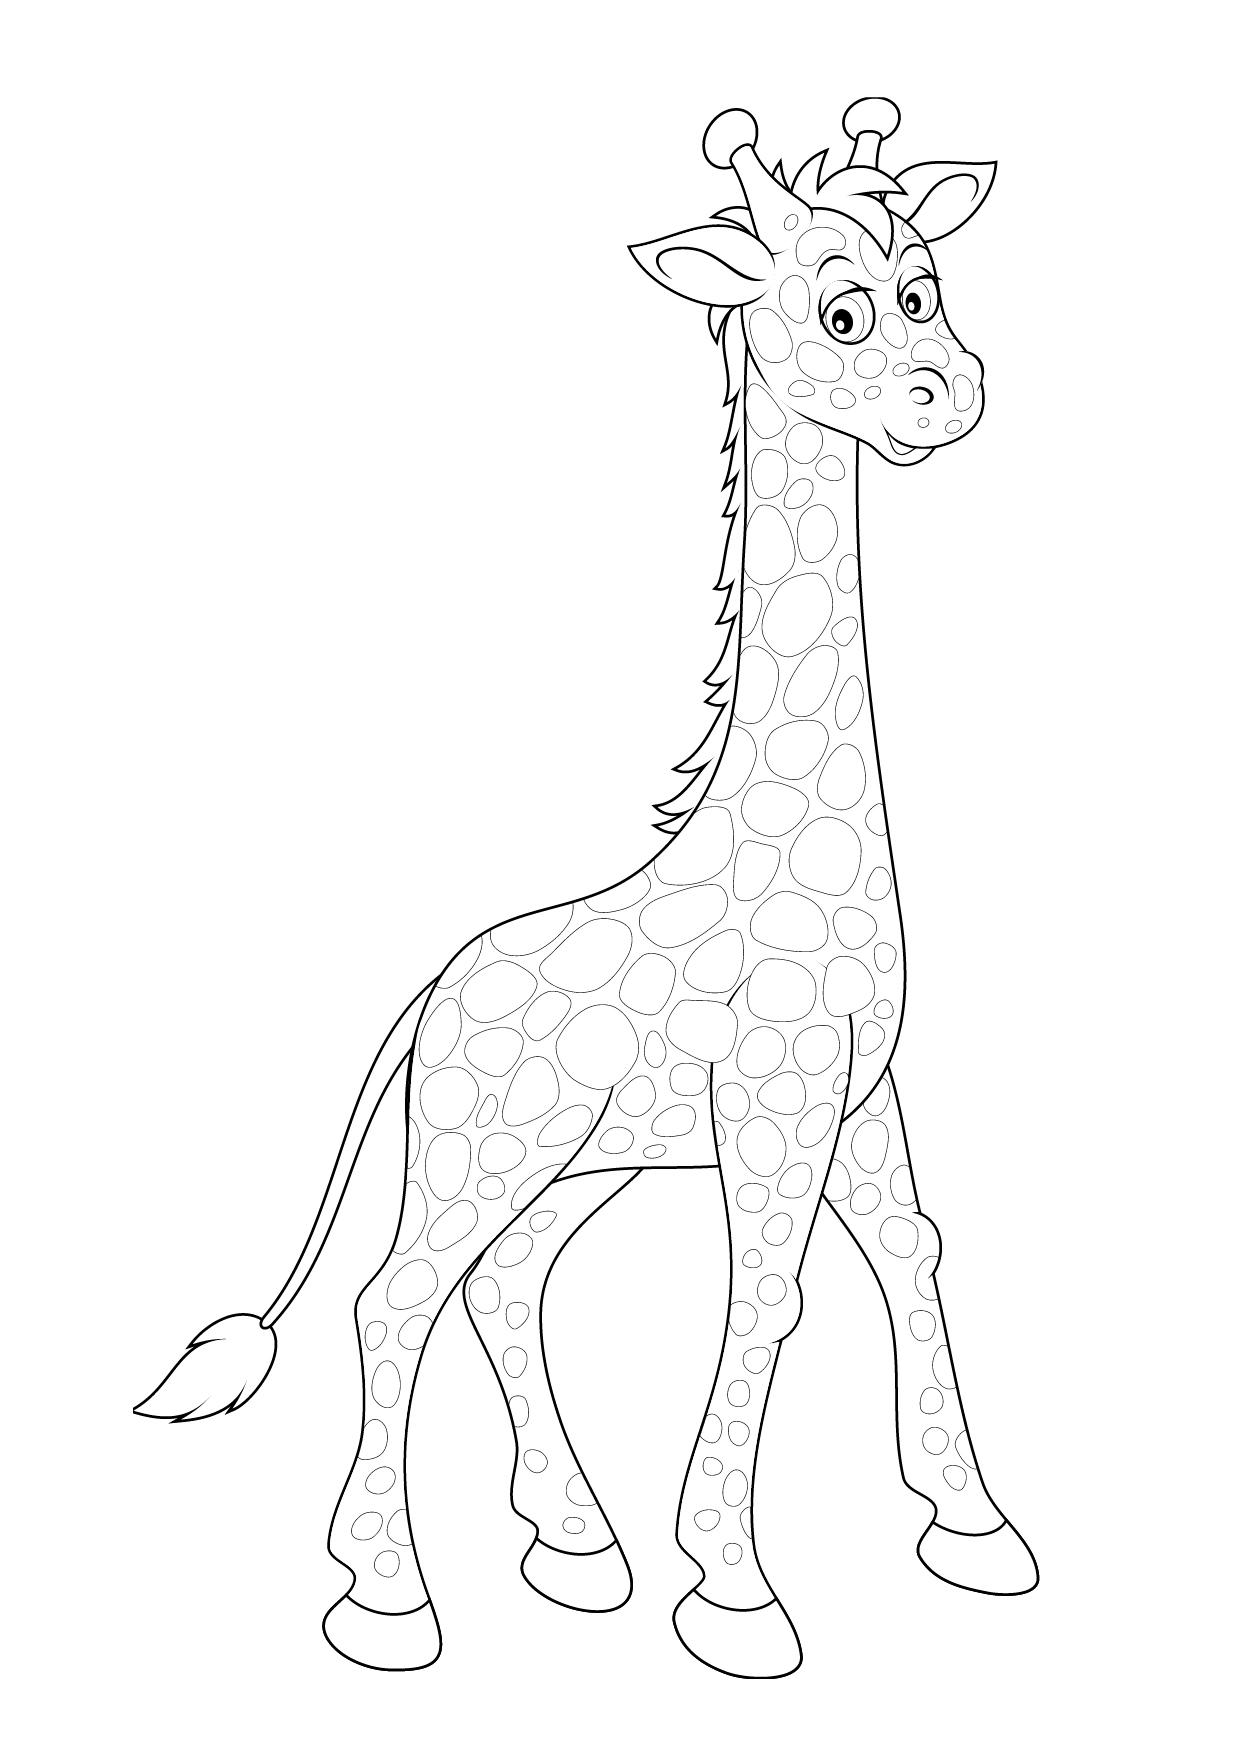 картинка раскраска для детей жираф